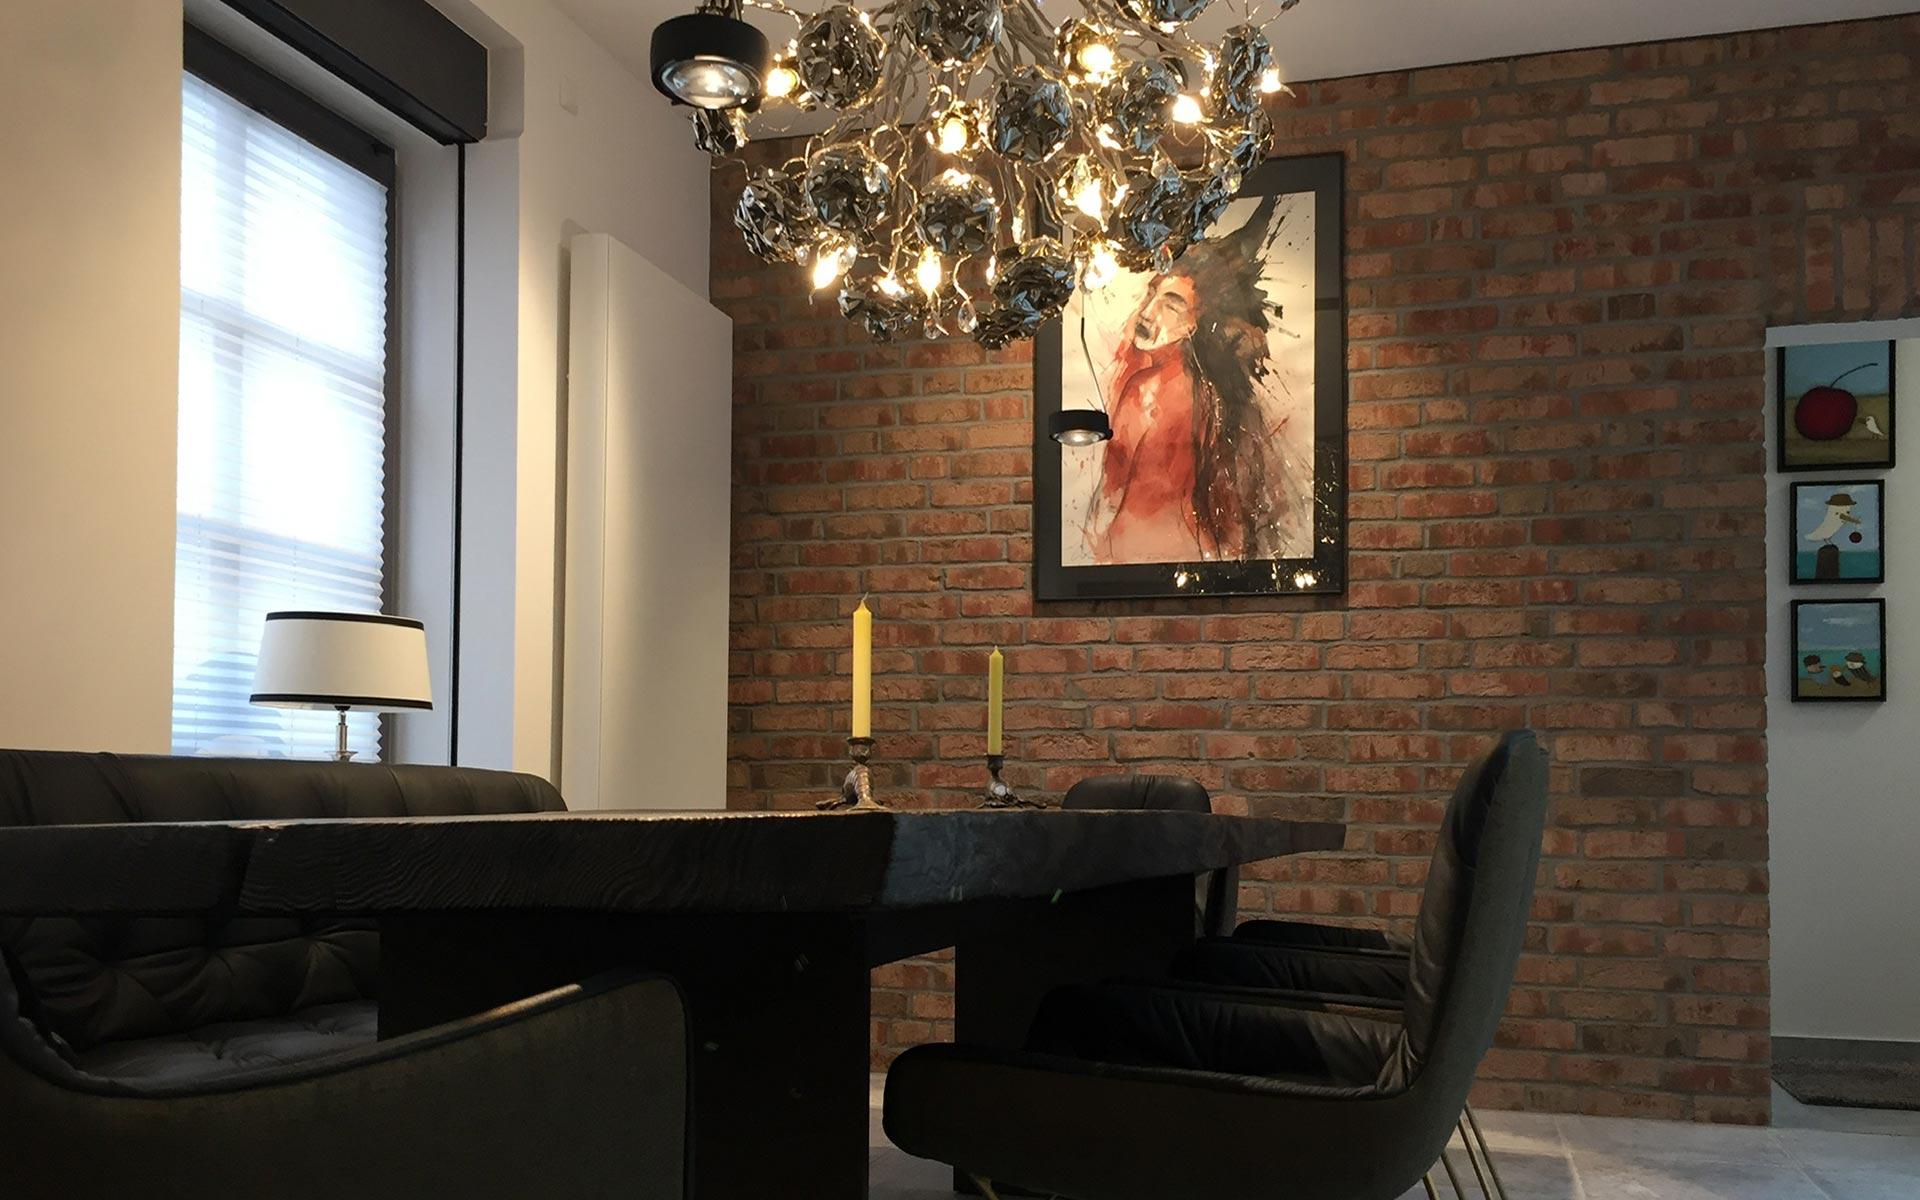 Freifrau Leya - Interiordesign steidten+ Berlin